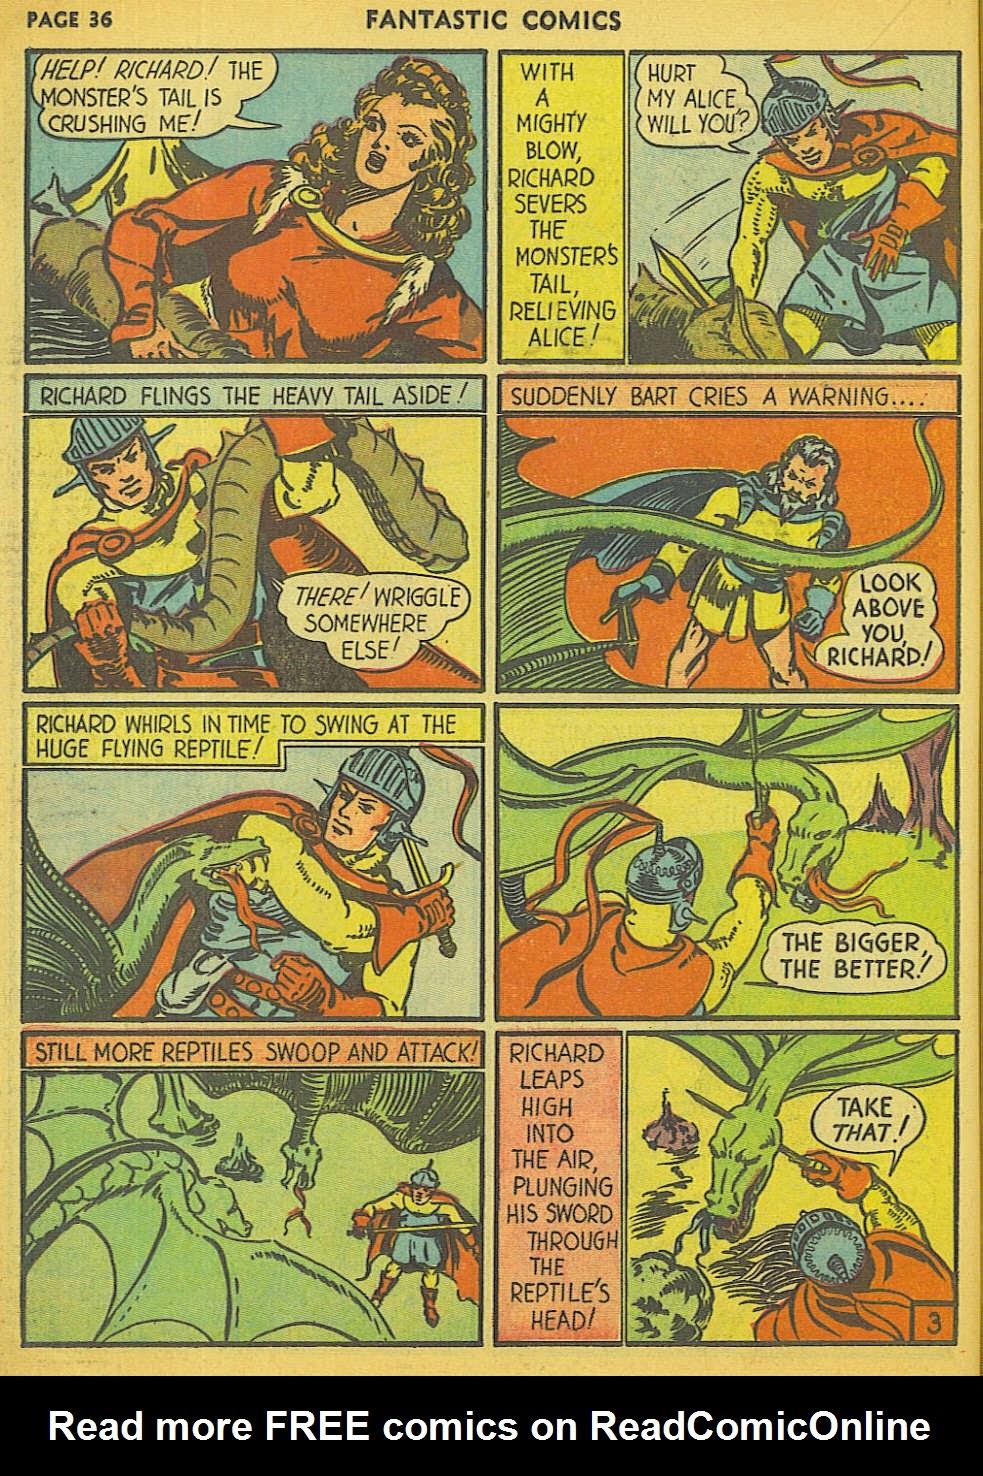 Read online Fantastic Comics comic -  Issue #15 - 29